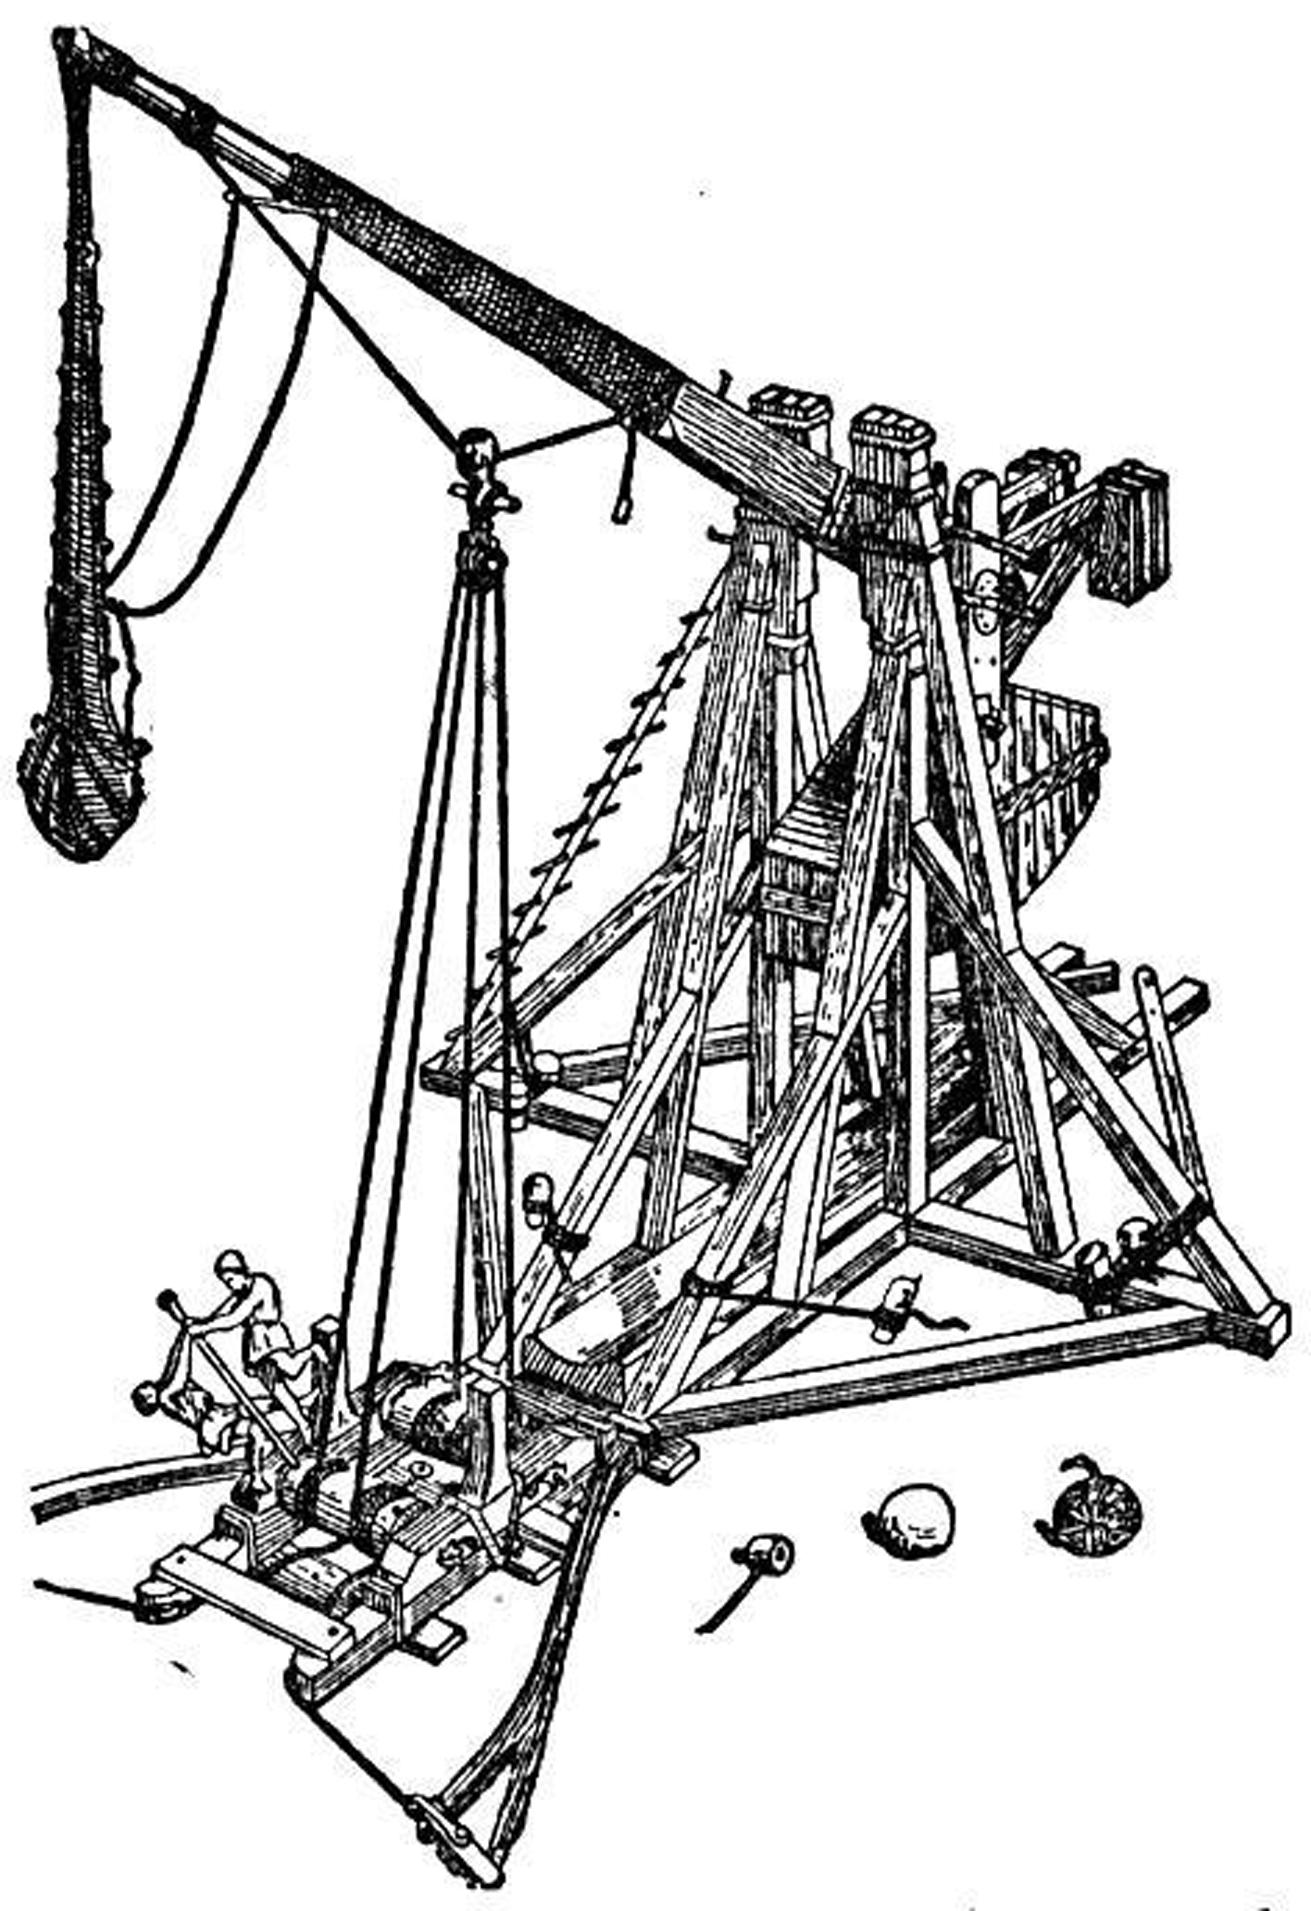 Plans to build Paperclip Trebuchet Instructions PDF Plans